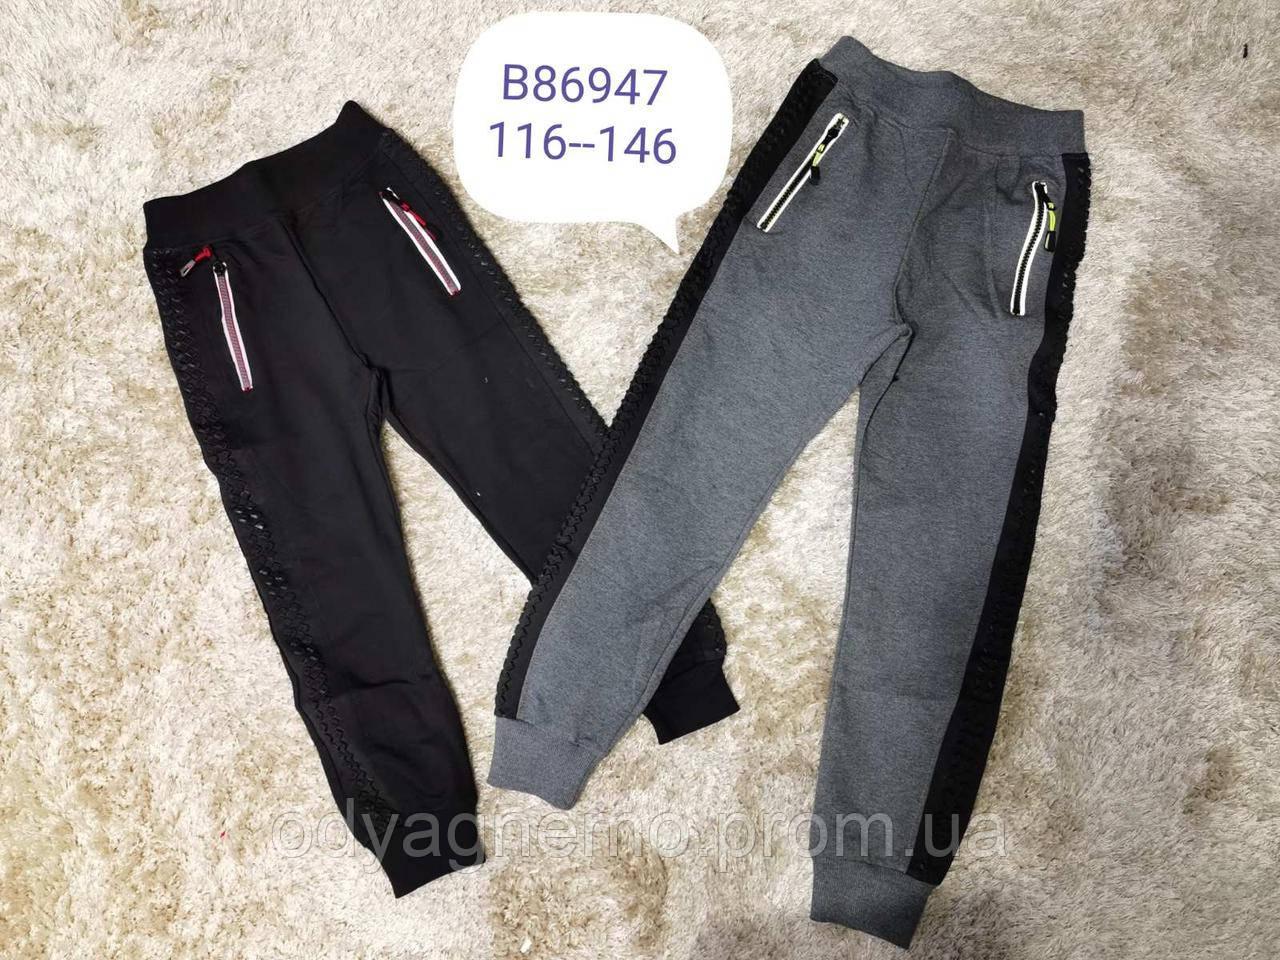 Спортивні штани для хлопчиків Grace Артикул: B86947 , 116-146 рр.